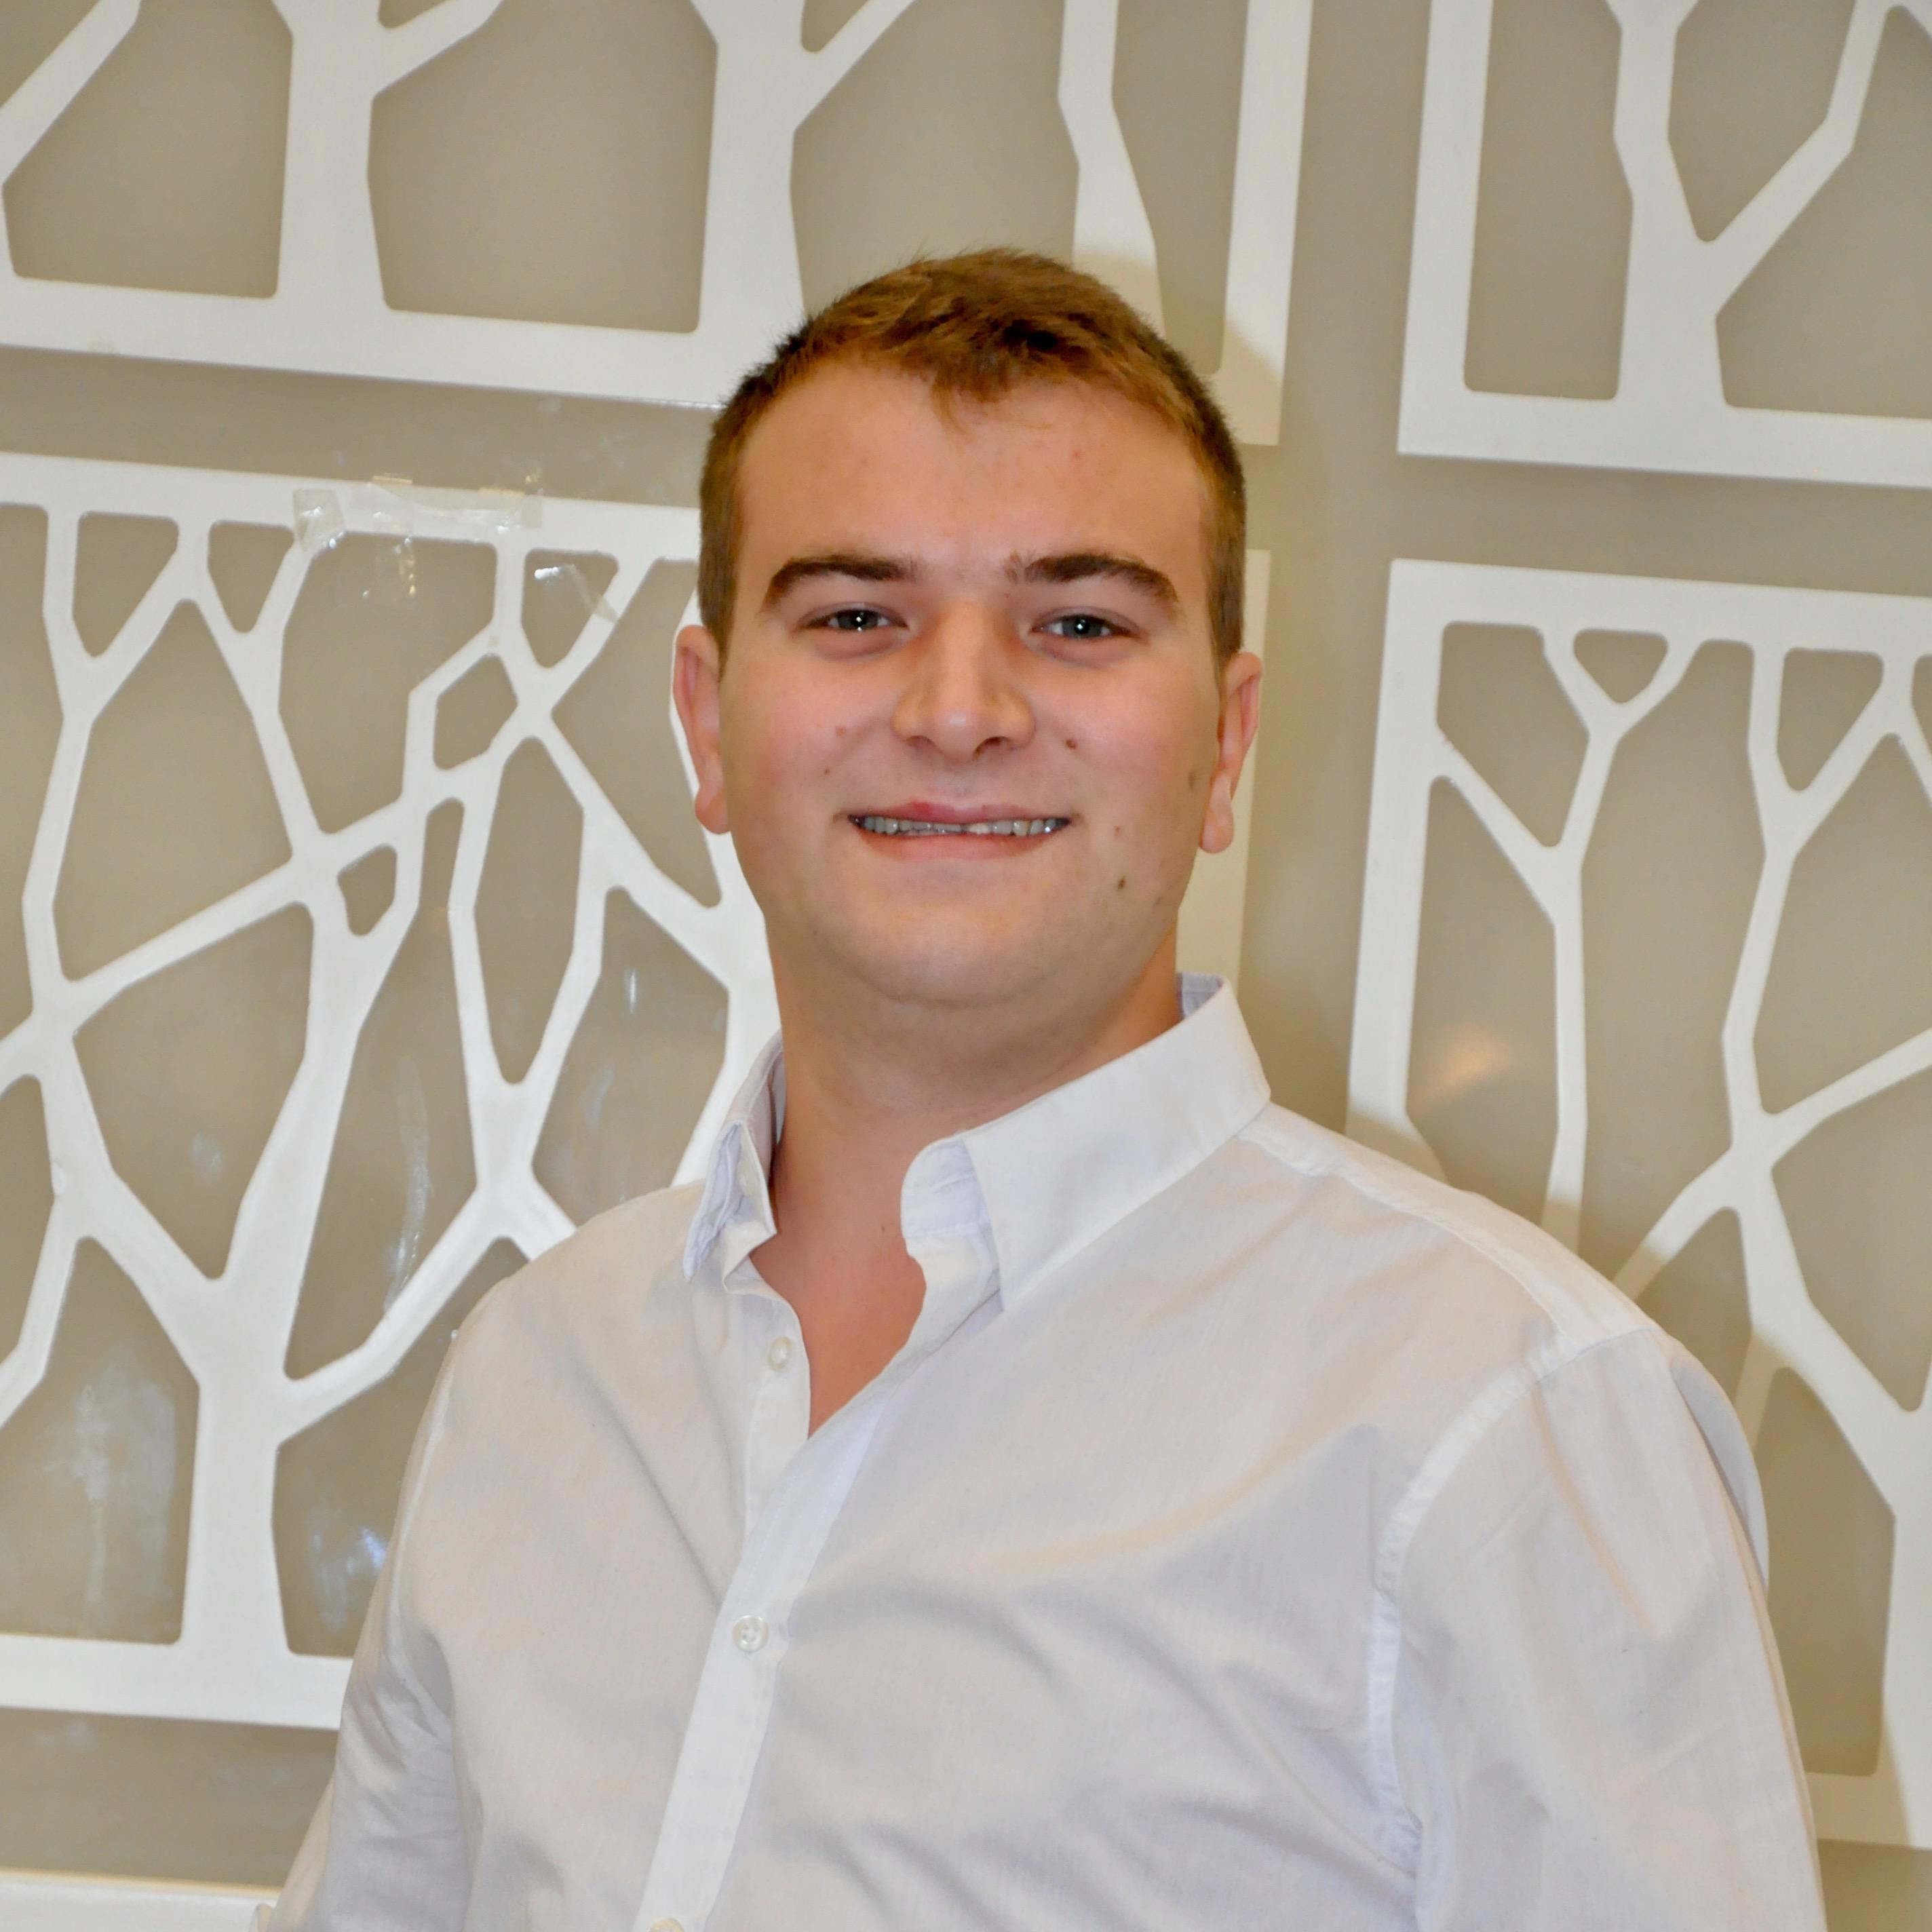 Florian Weik